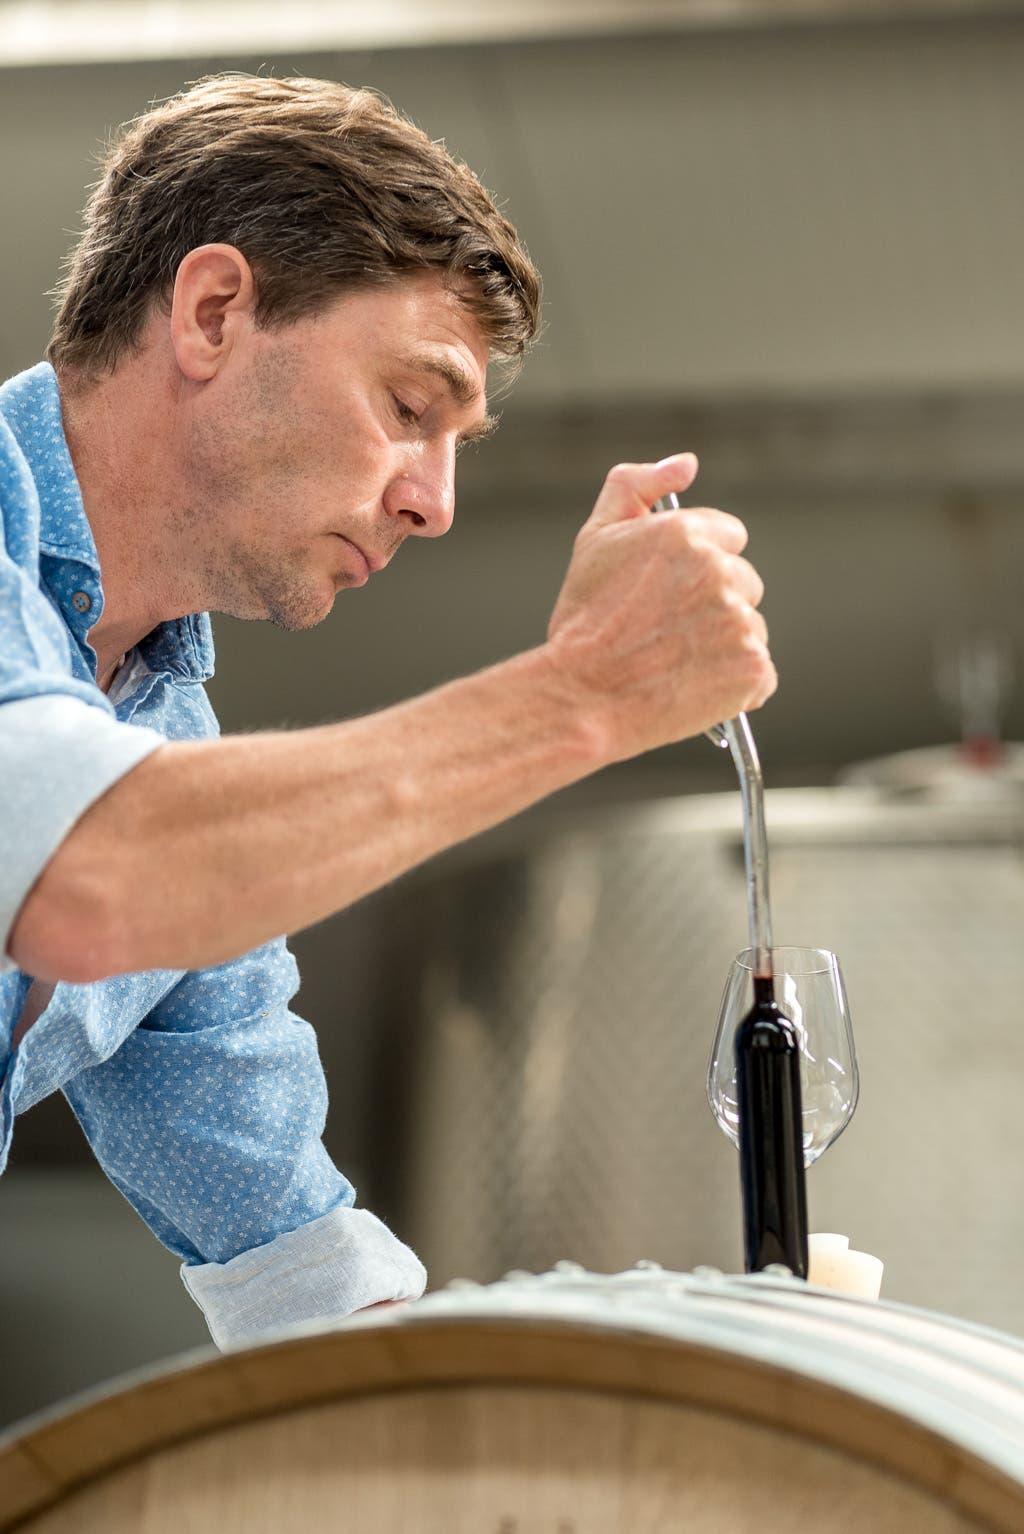 Mann beim Einfüllen von Rotwein